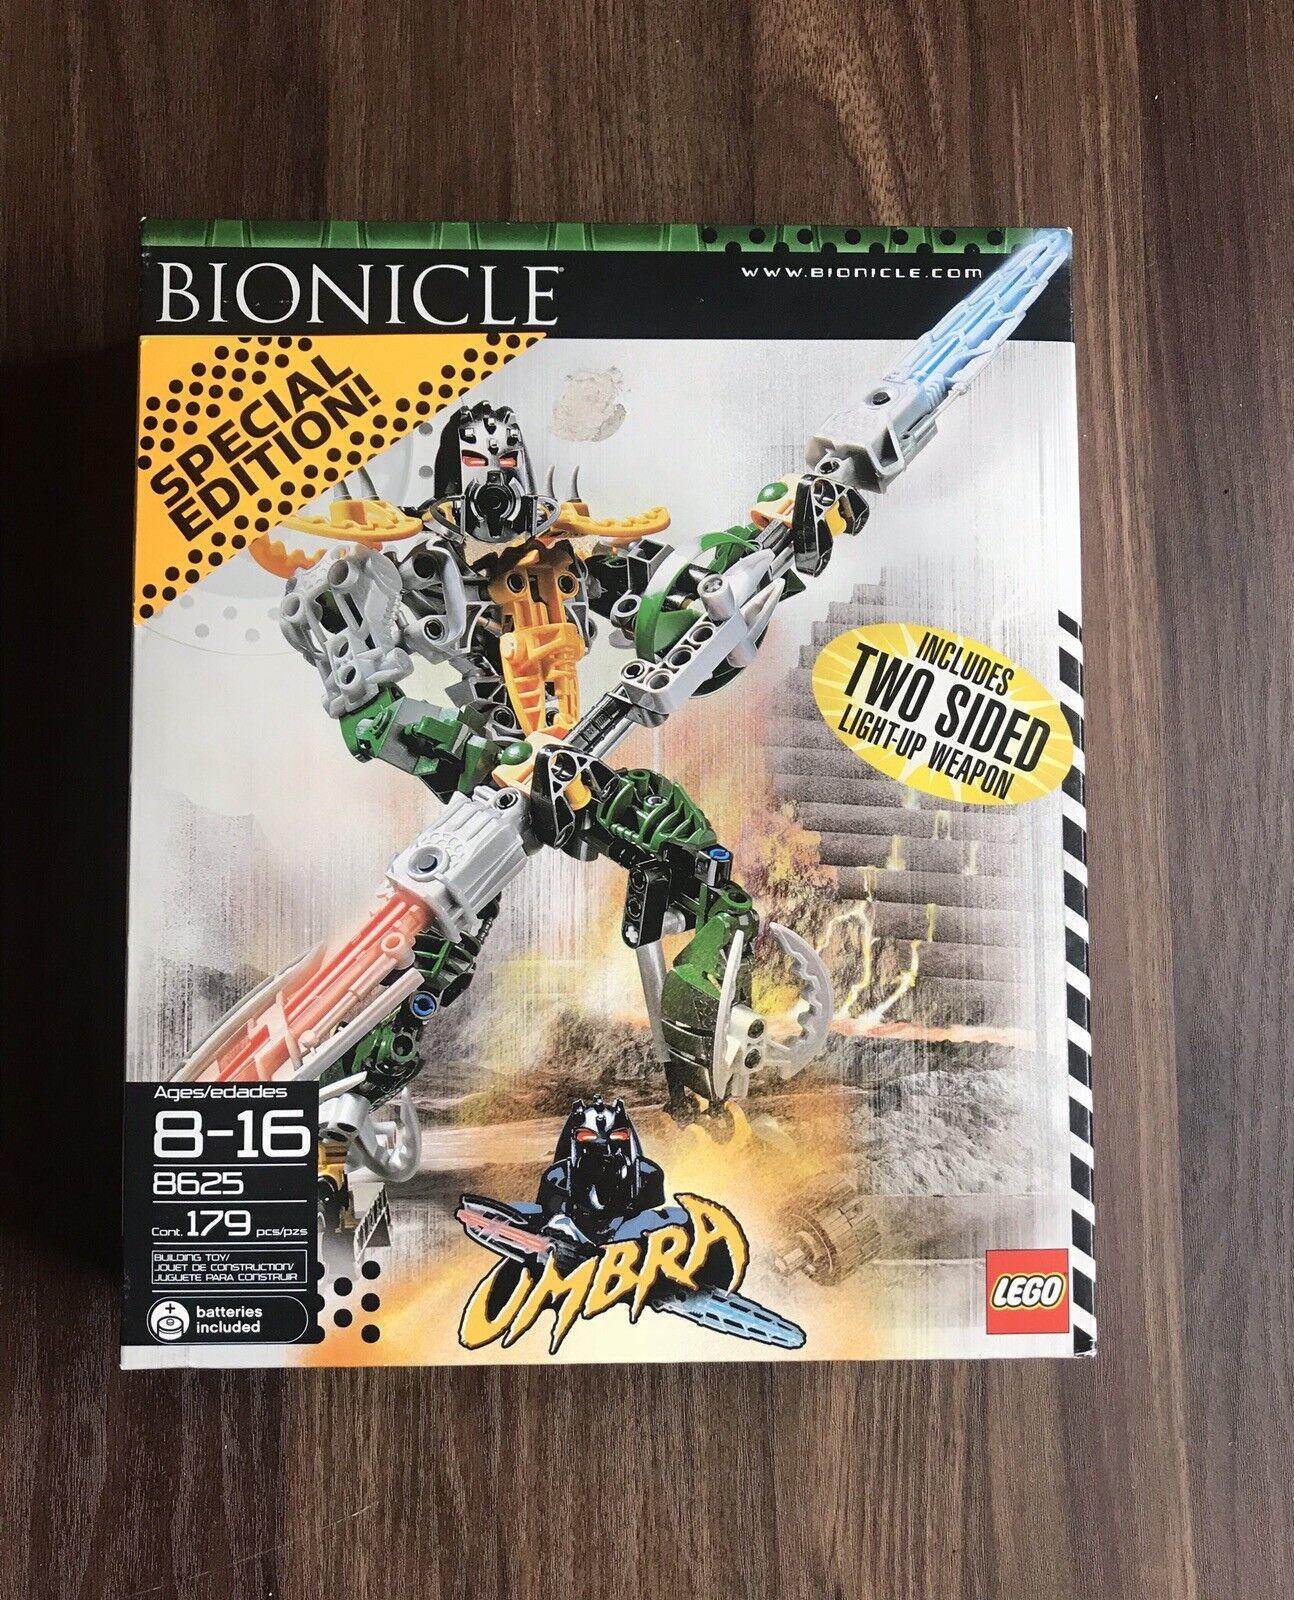 LEGO Bionicle Warriors Umbra (8625) Unopened Factory Sealed